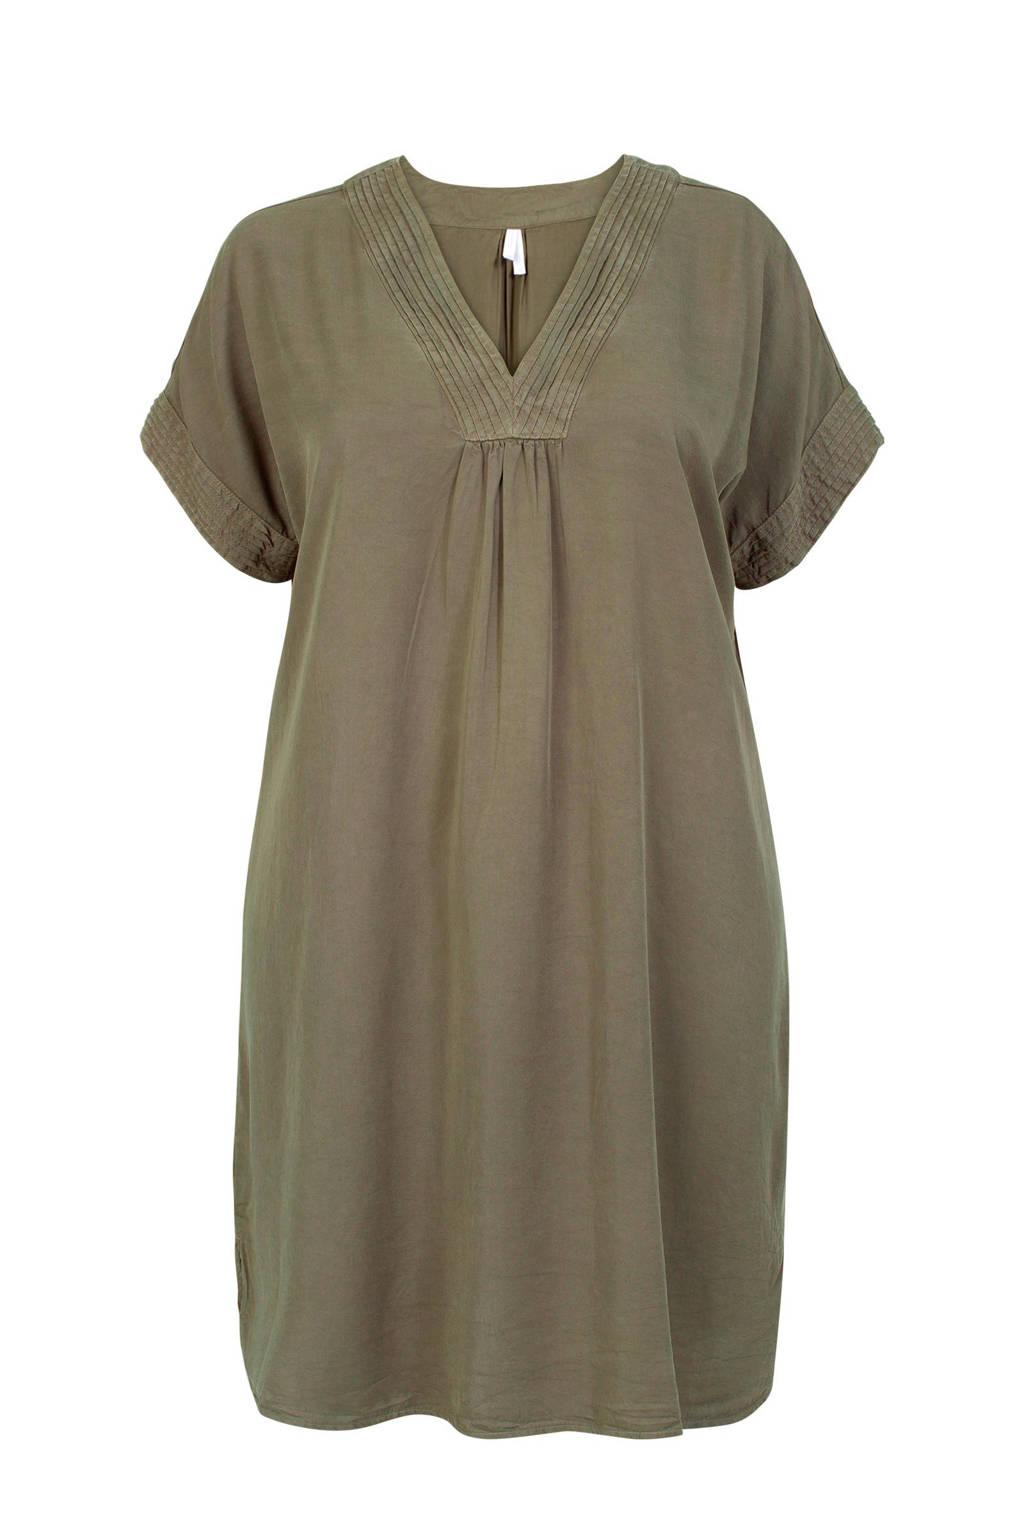 Miss Etam Plus jurk kaki, Groen